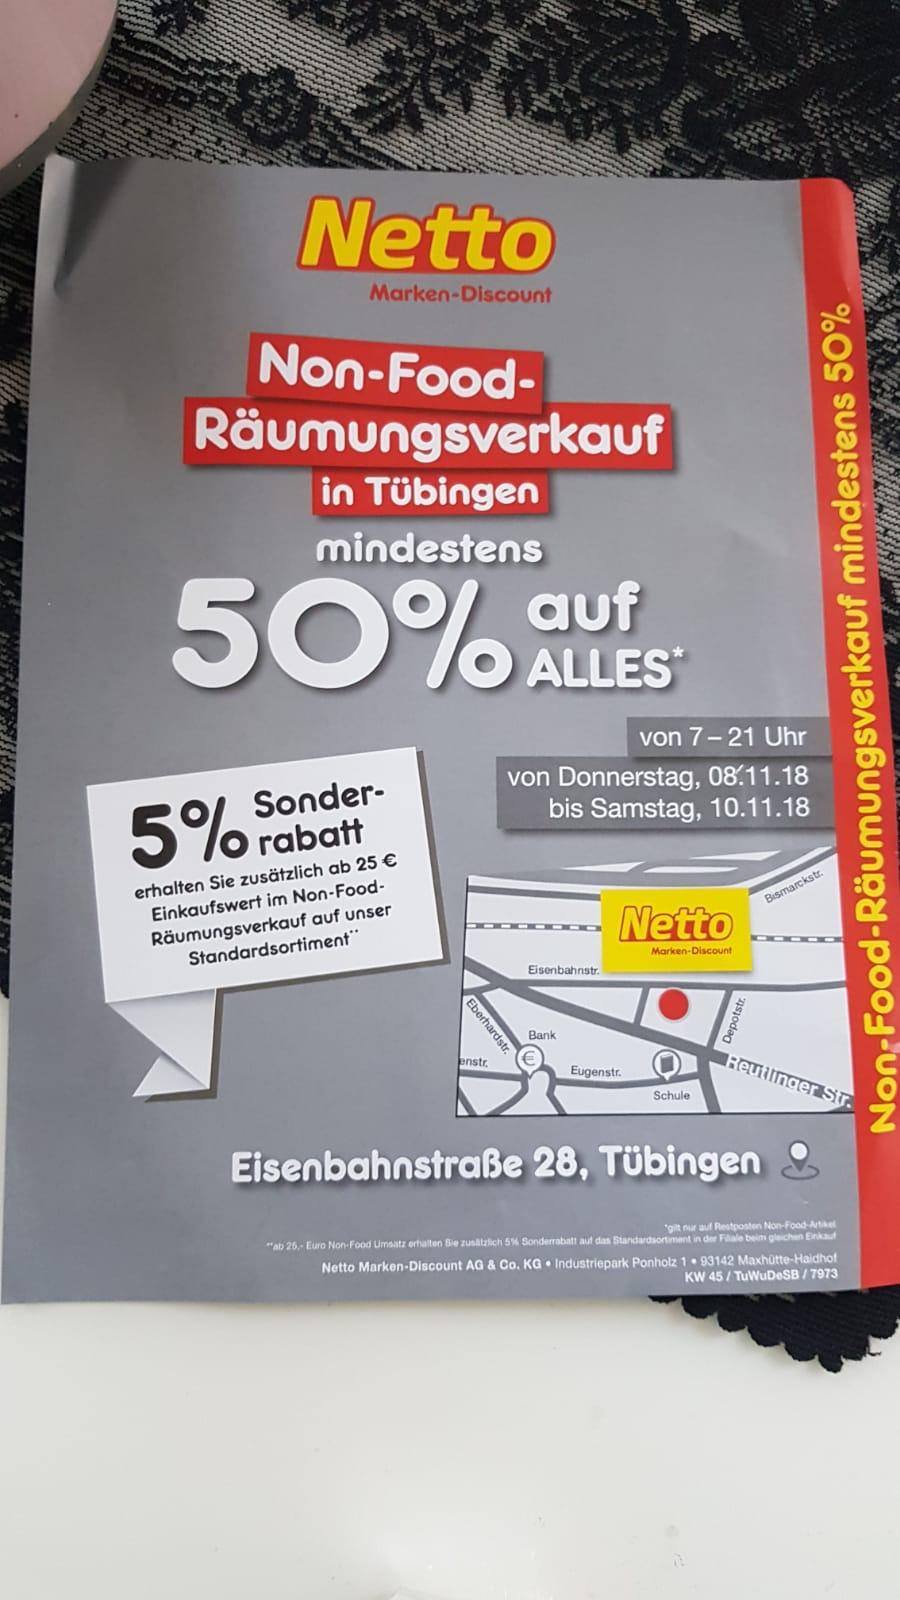 [Lokal Tübingen] Räumungsverkauf Netto, 50% auf alle Non-Food Produkte